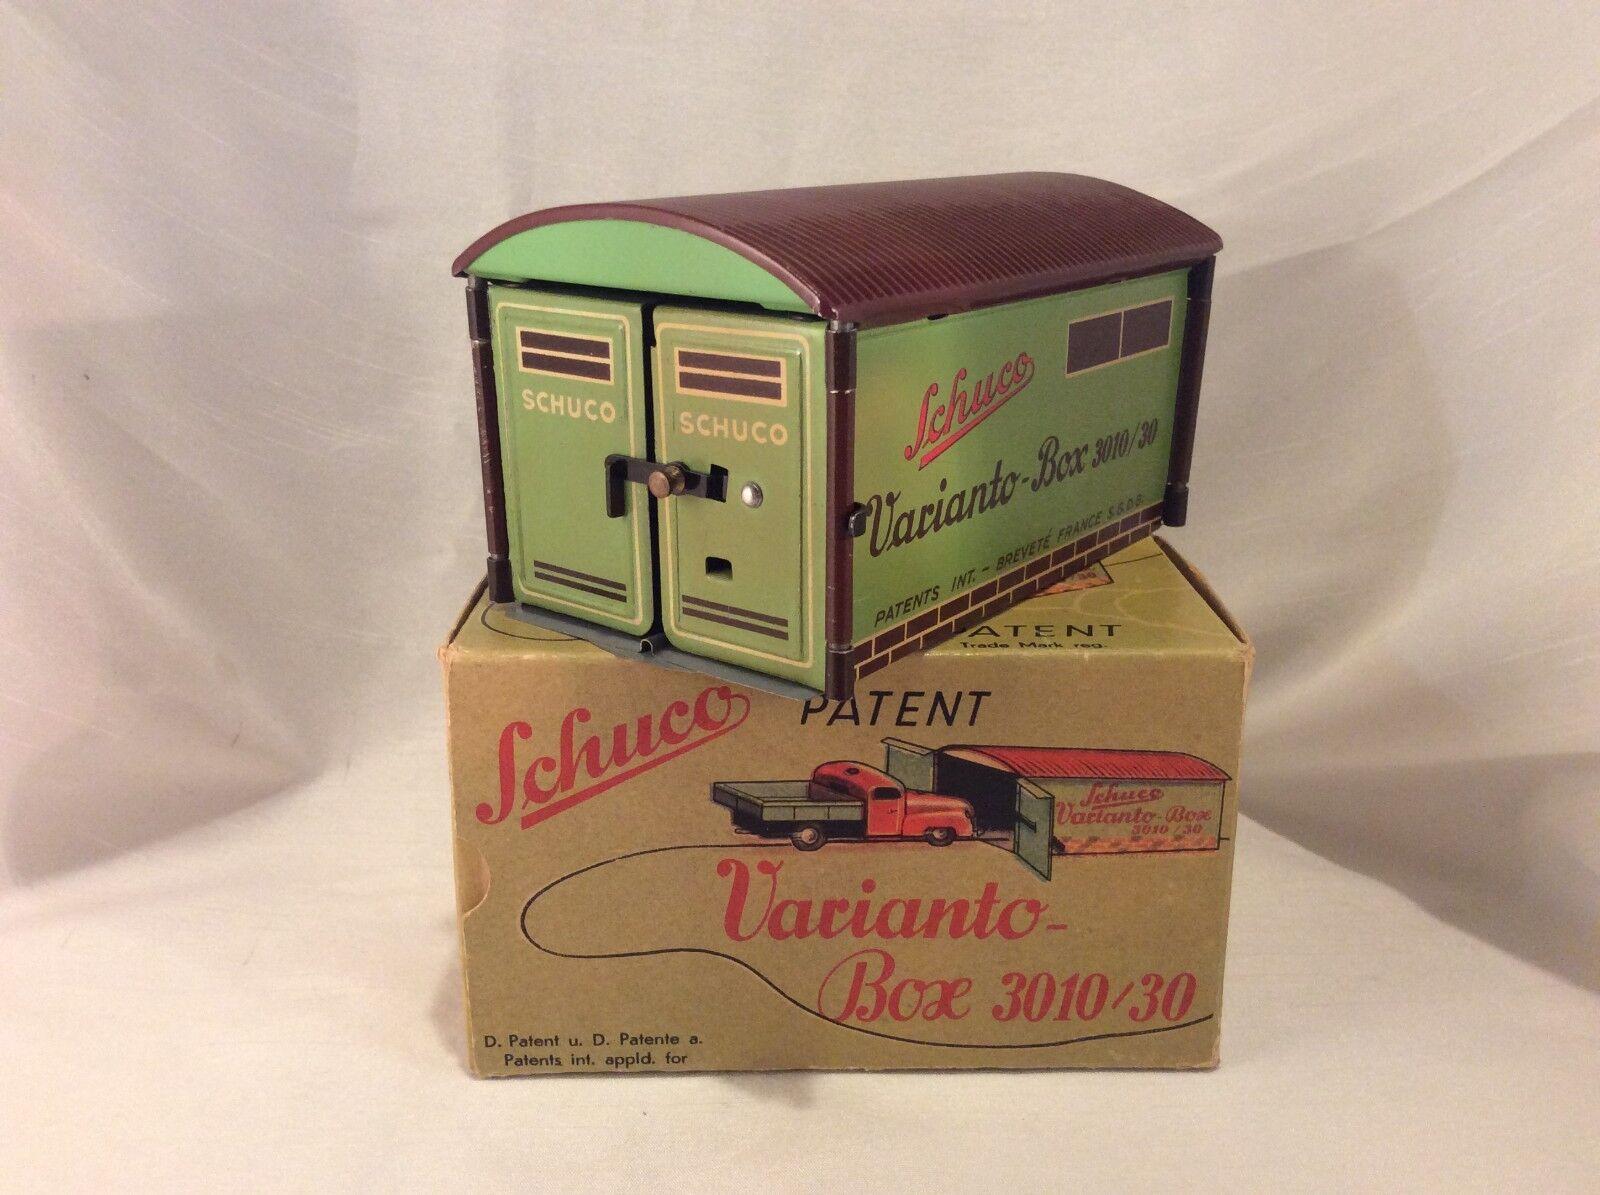 Schuco Varianto Box 3010 30 Garage ovp